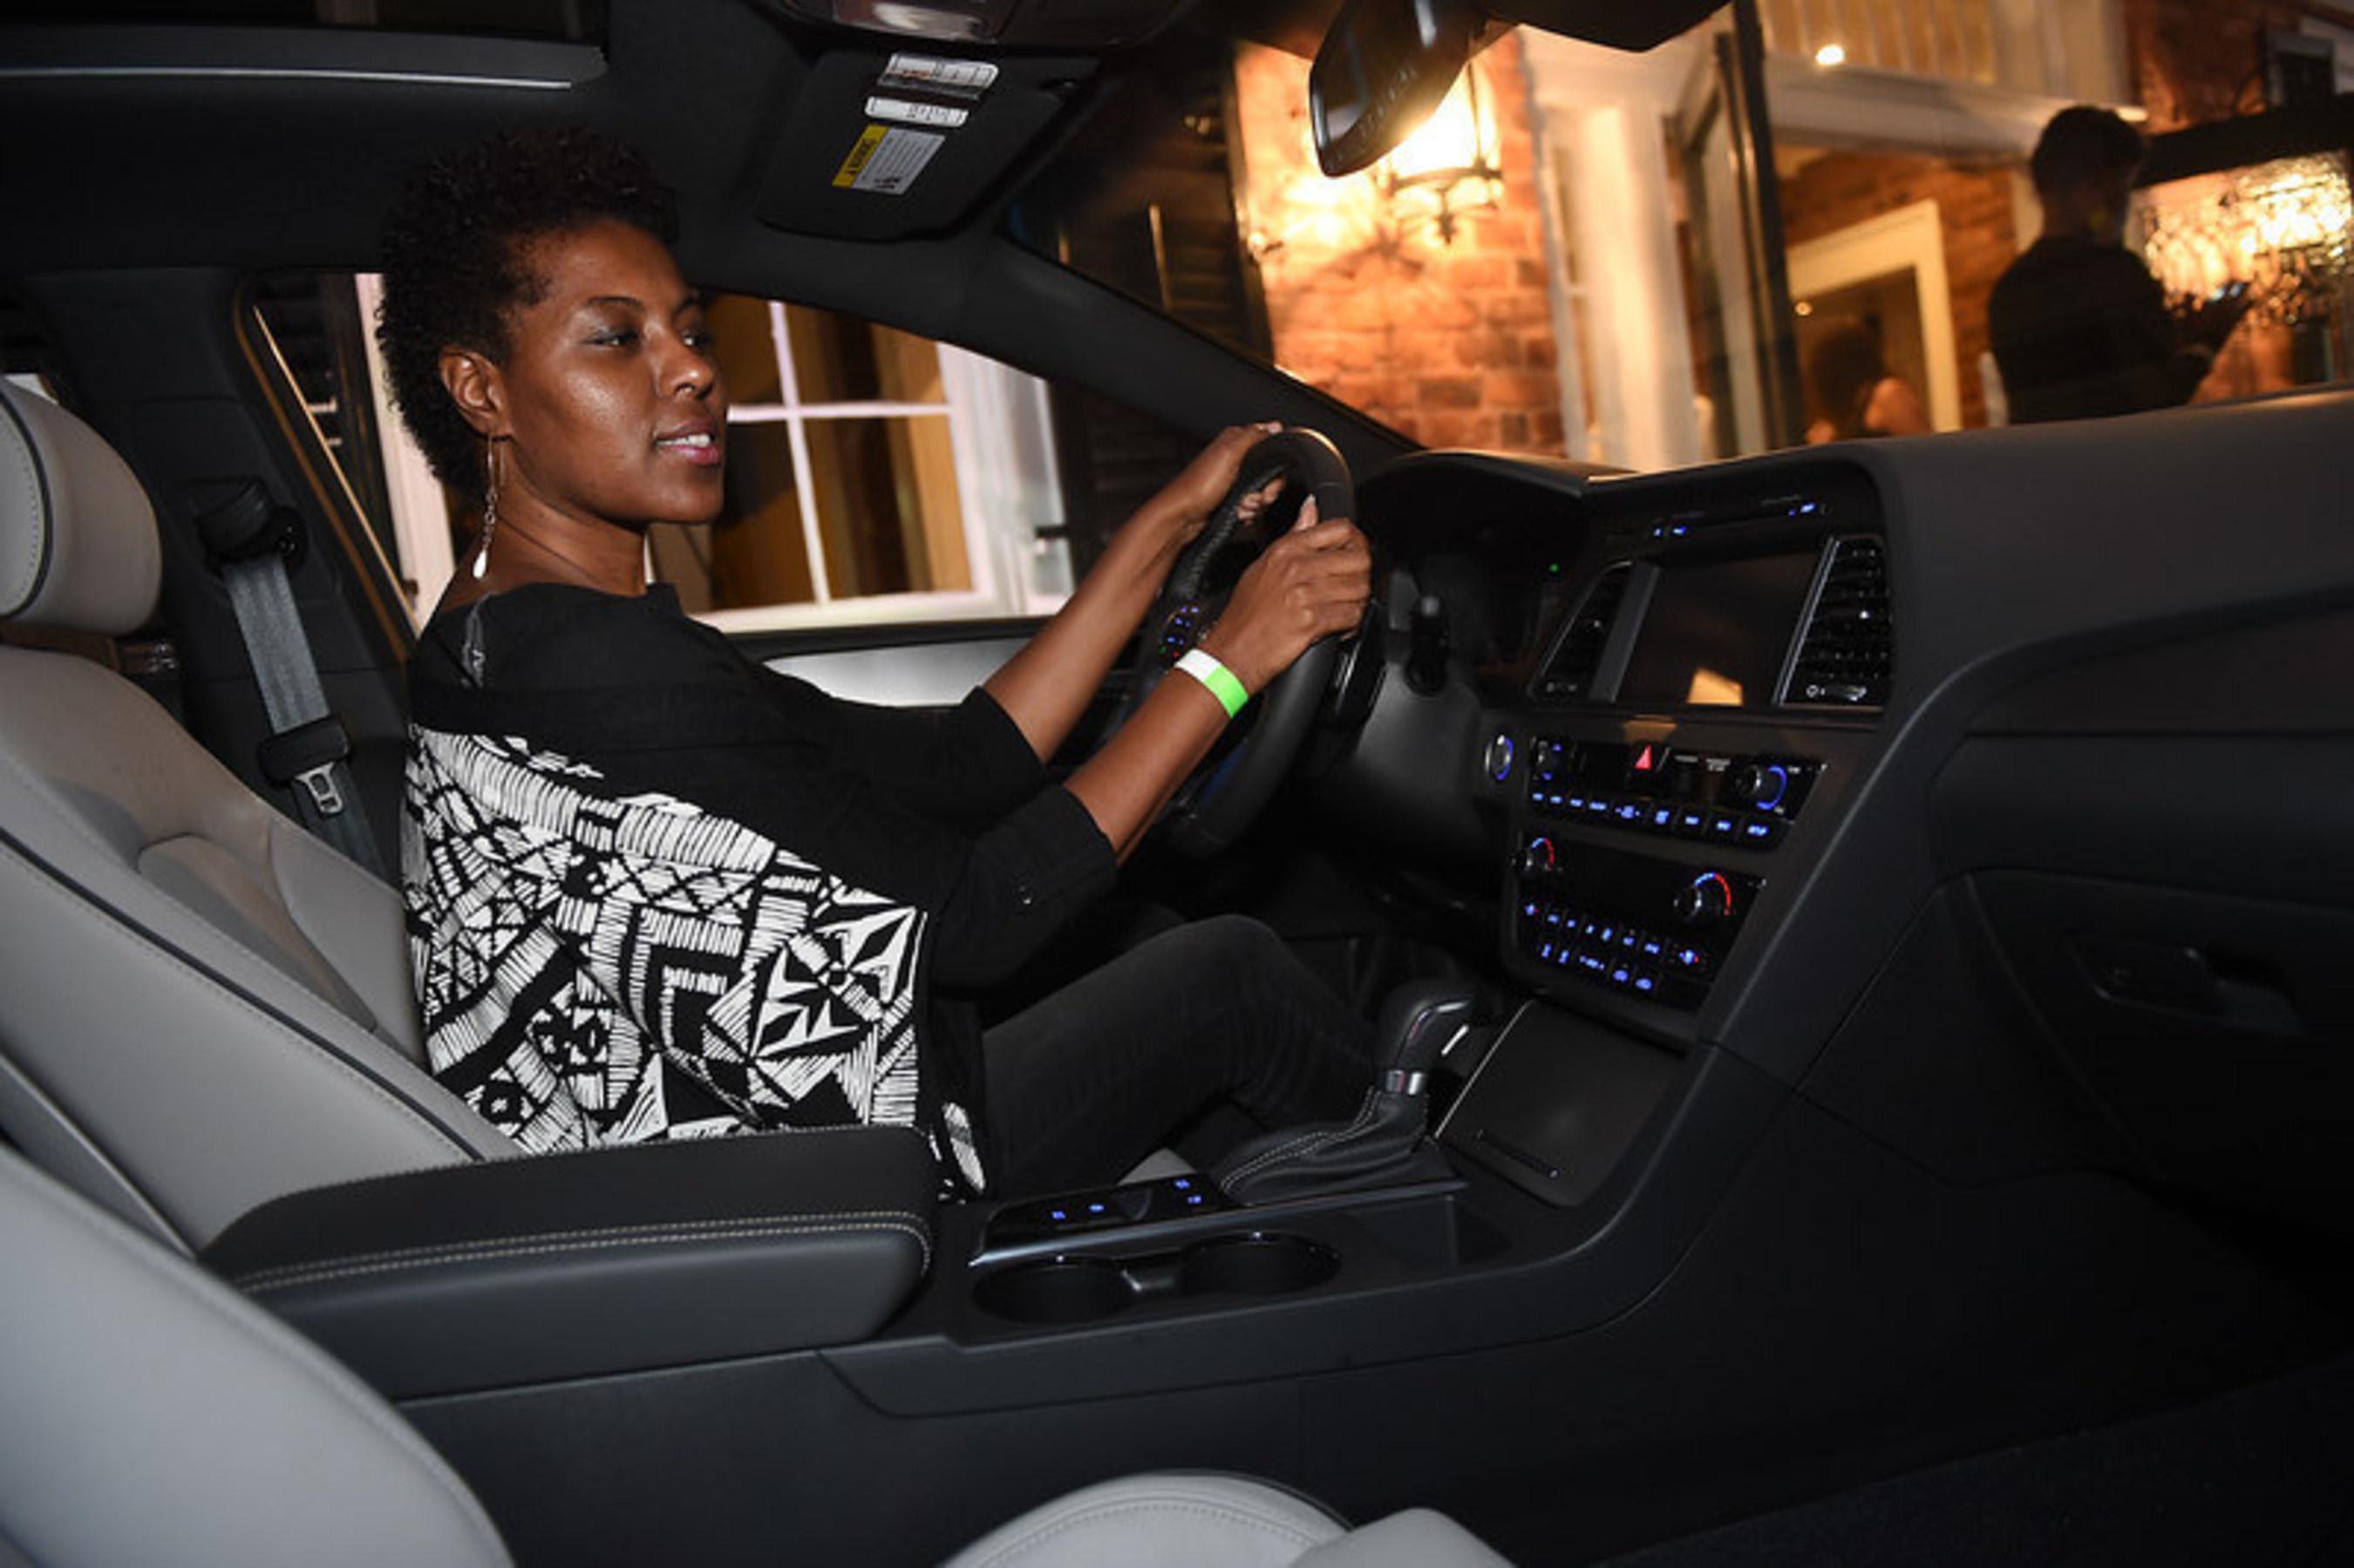 Guests experiencing the all-new 2015 Hyundai Sonata